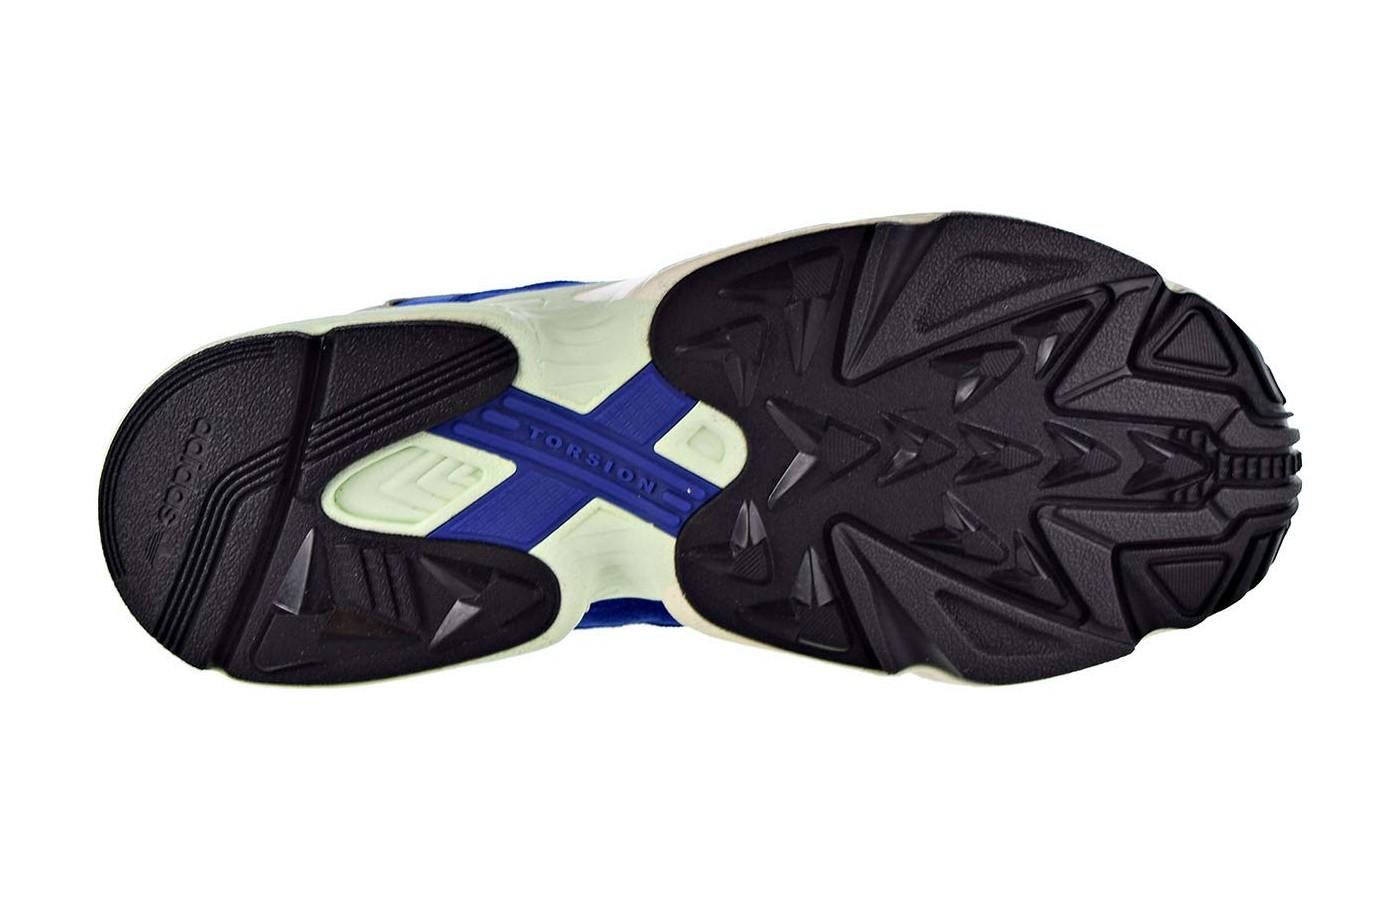 Adidas Yung 1 Sole